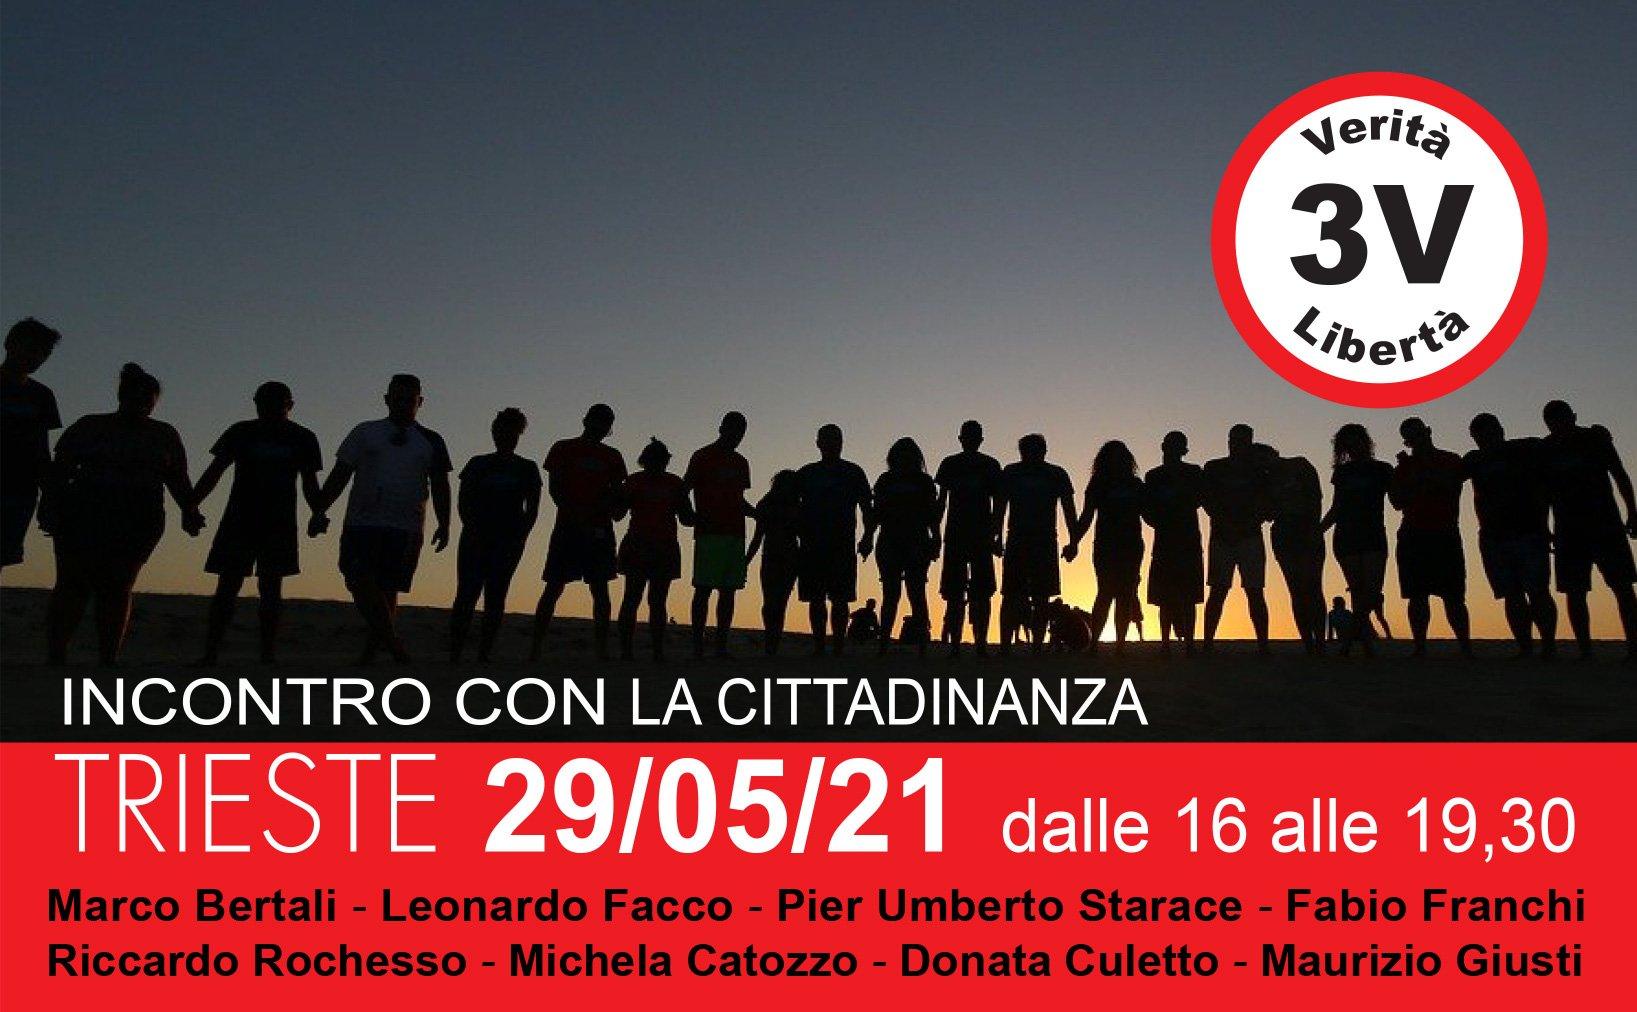 3V, incontro con la cittadinanza a Trieste